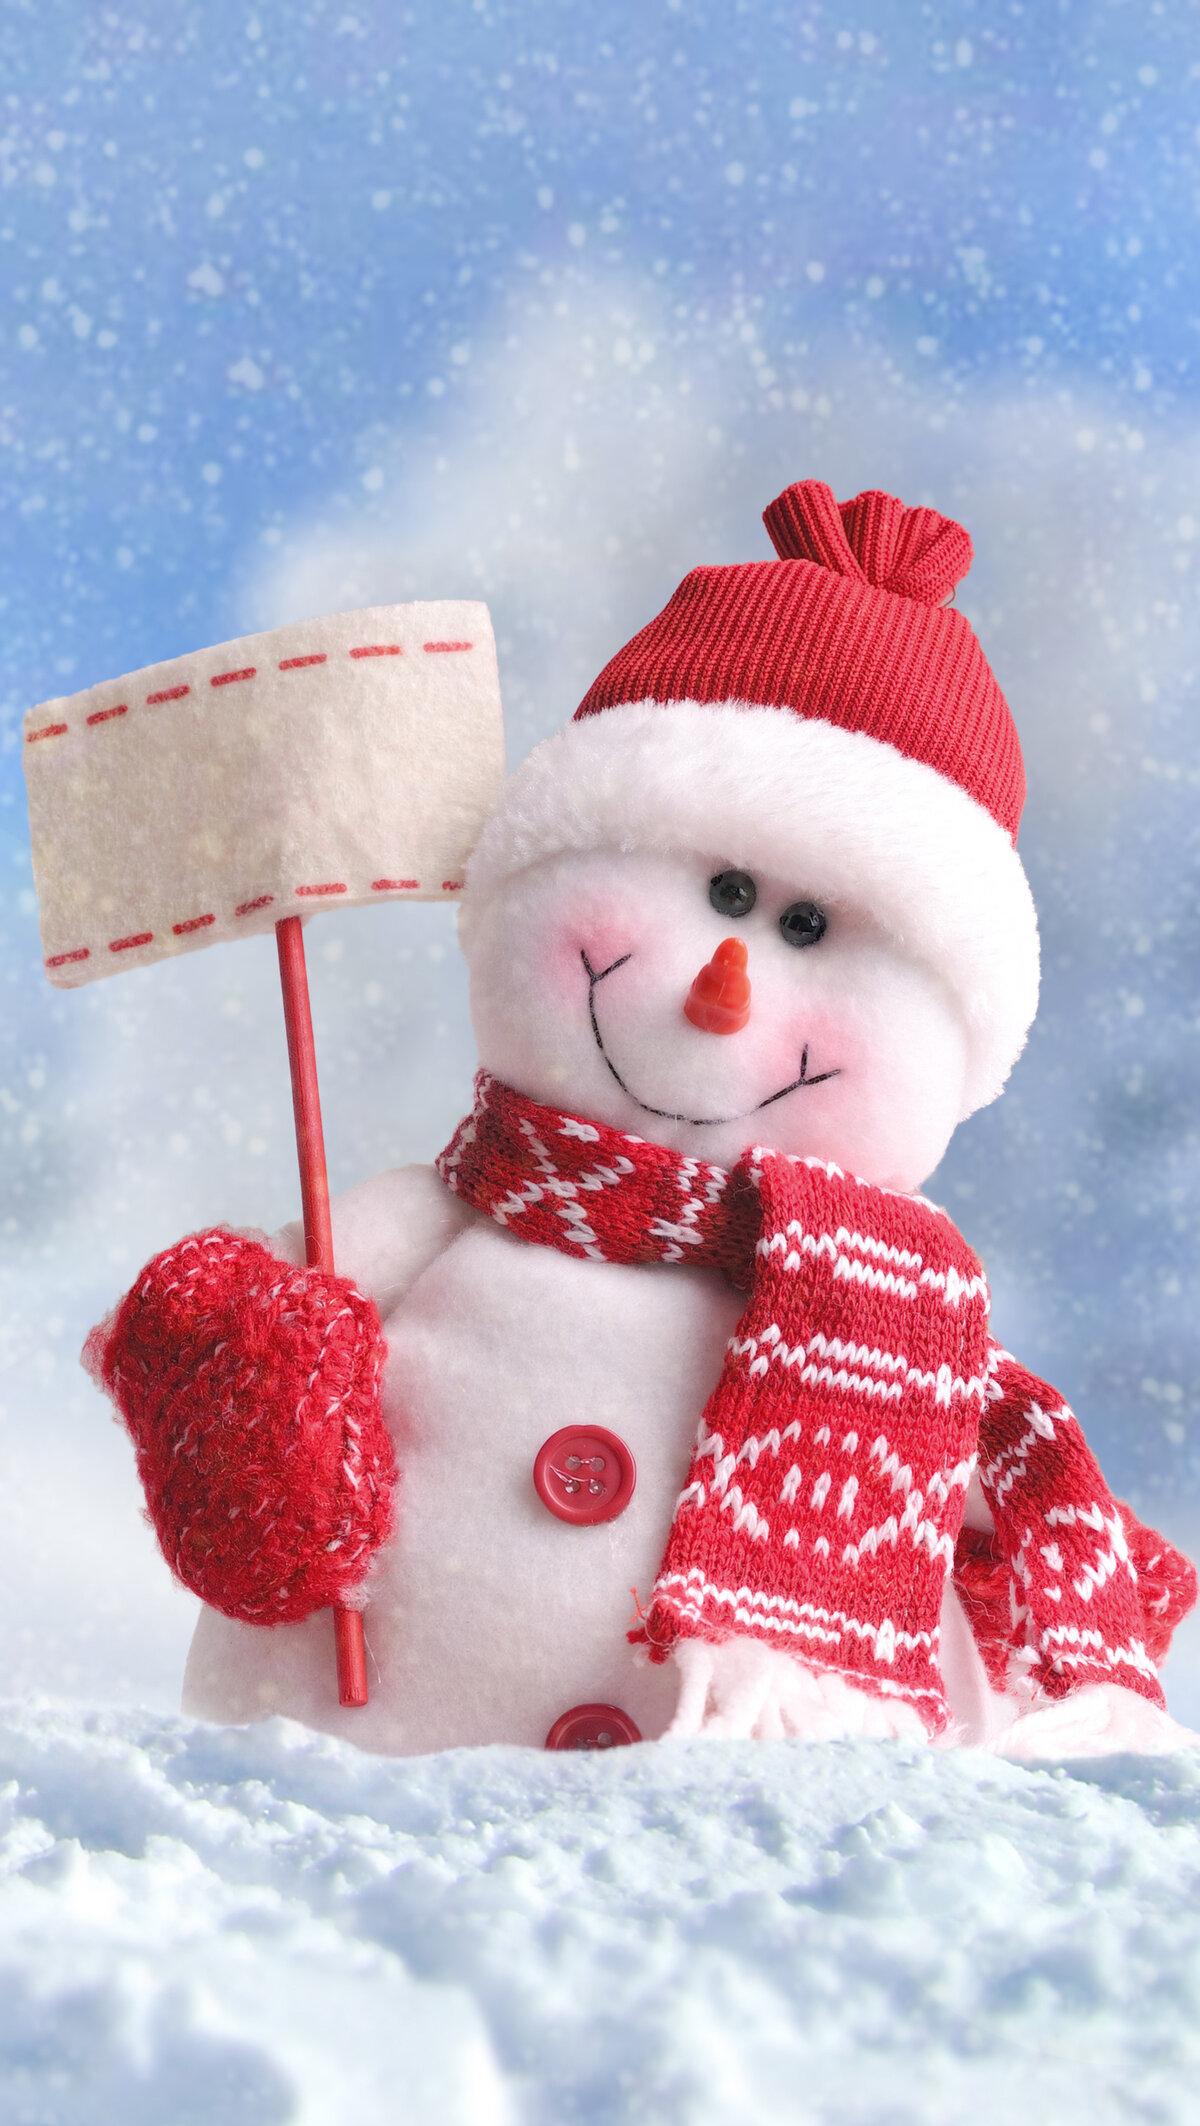 вправе снеговик на аву картинки состоянии